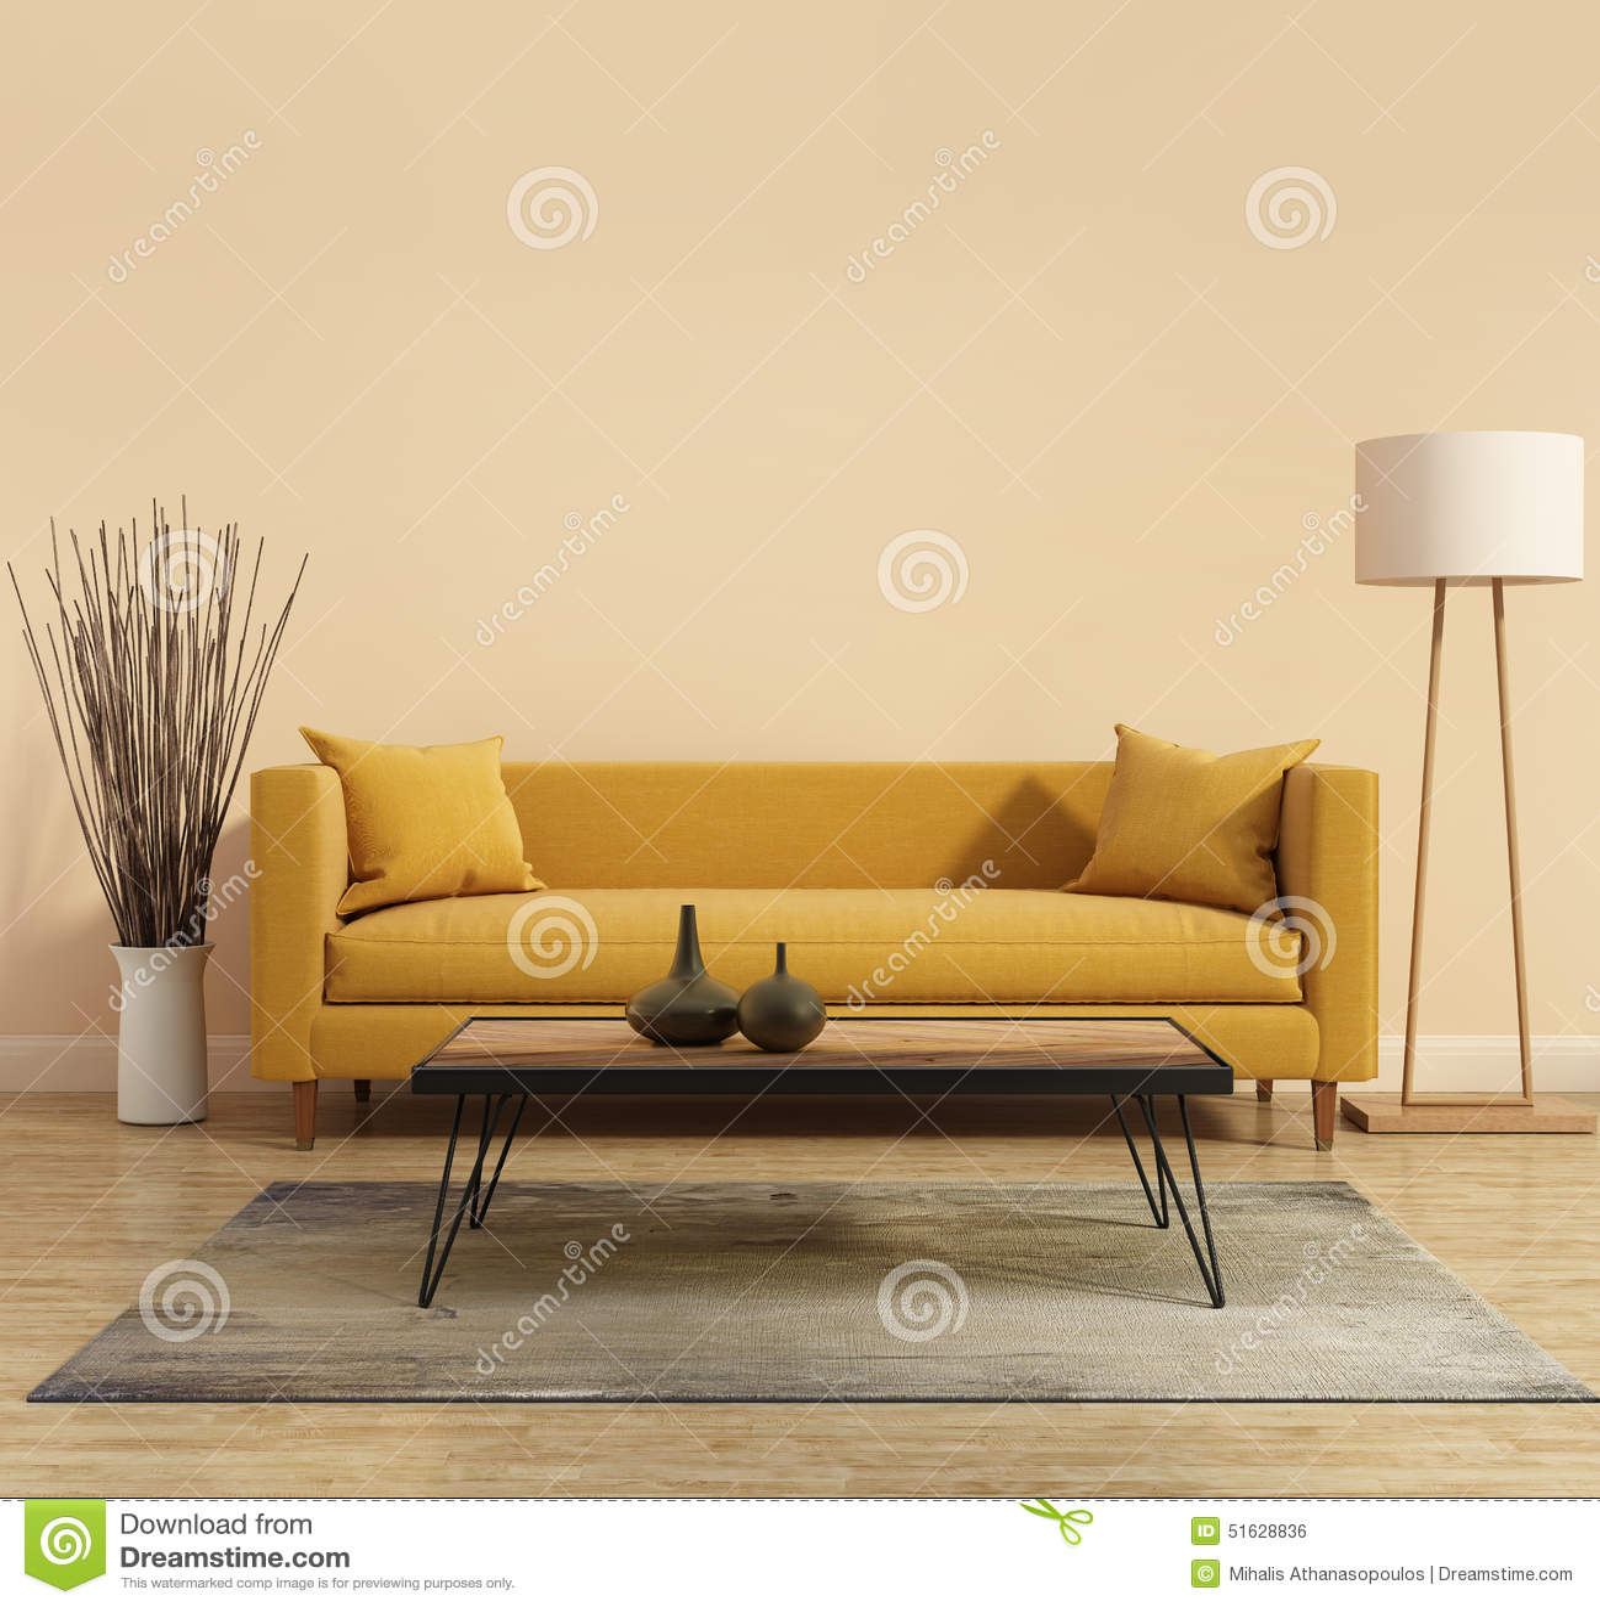 Interior moderno moderno con un sofá amarillo en la sala de estar con una bañera mínima blanca